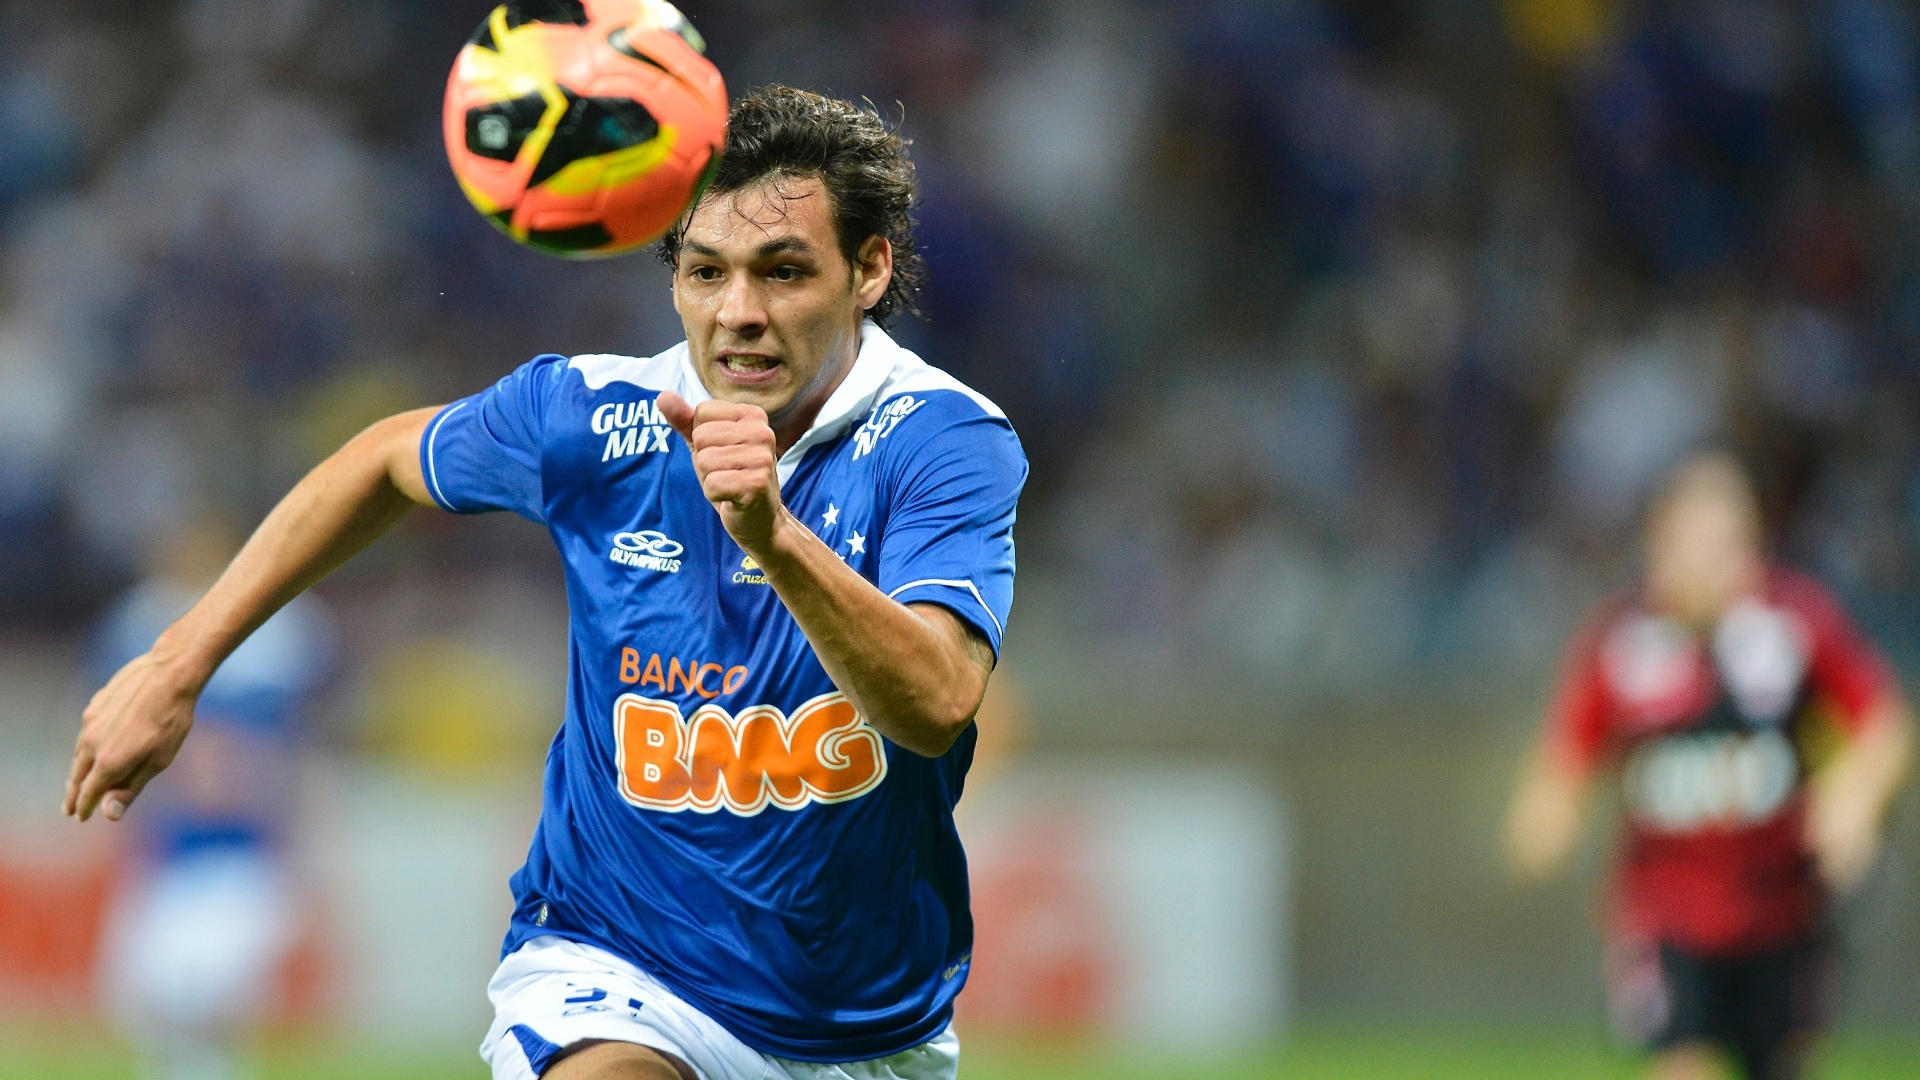 17.08.13 - Ricardo Goulart faz jogada na partida entre Cruzeiro e Vitória pelo Brasileirão